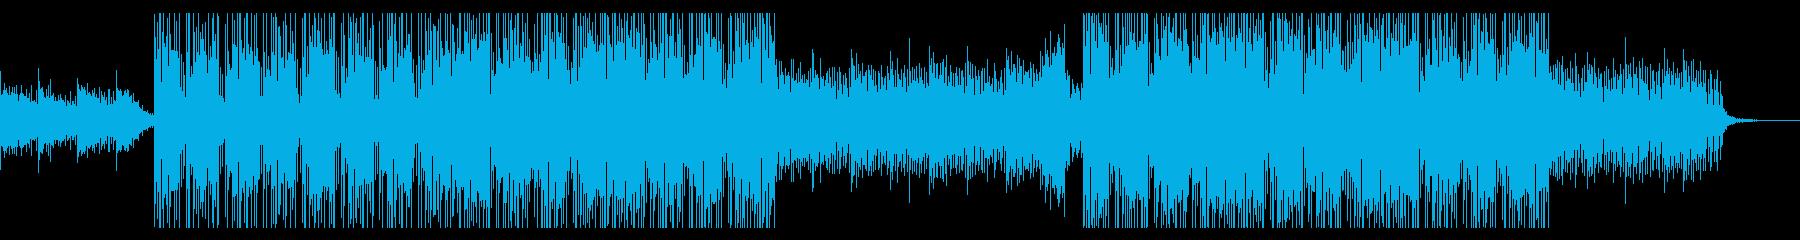 クールなかっこいい曲の再生済みの波形